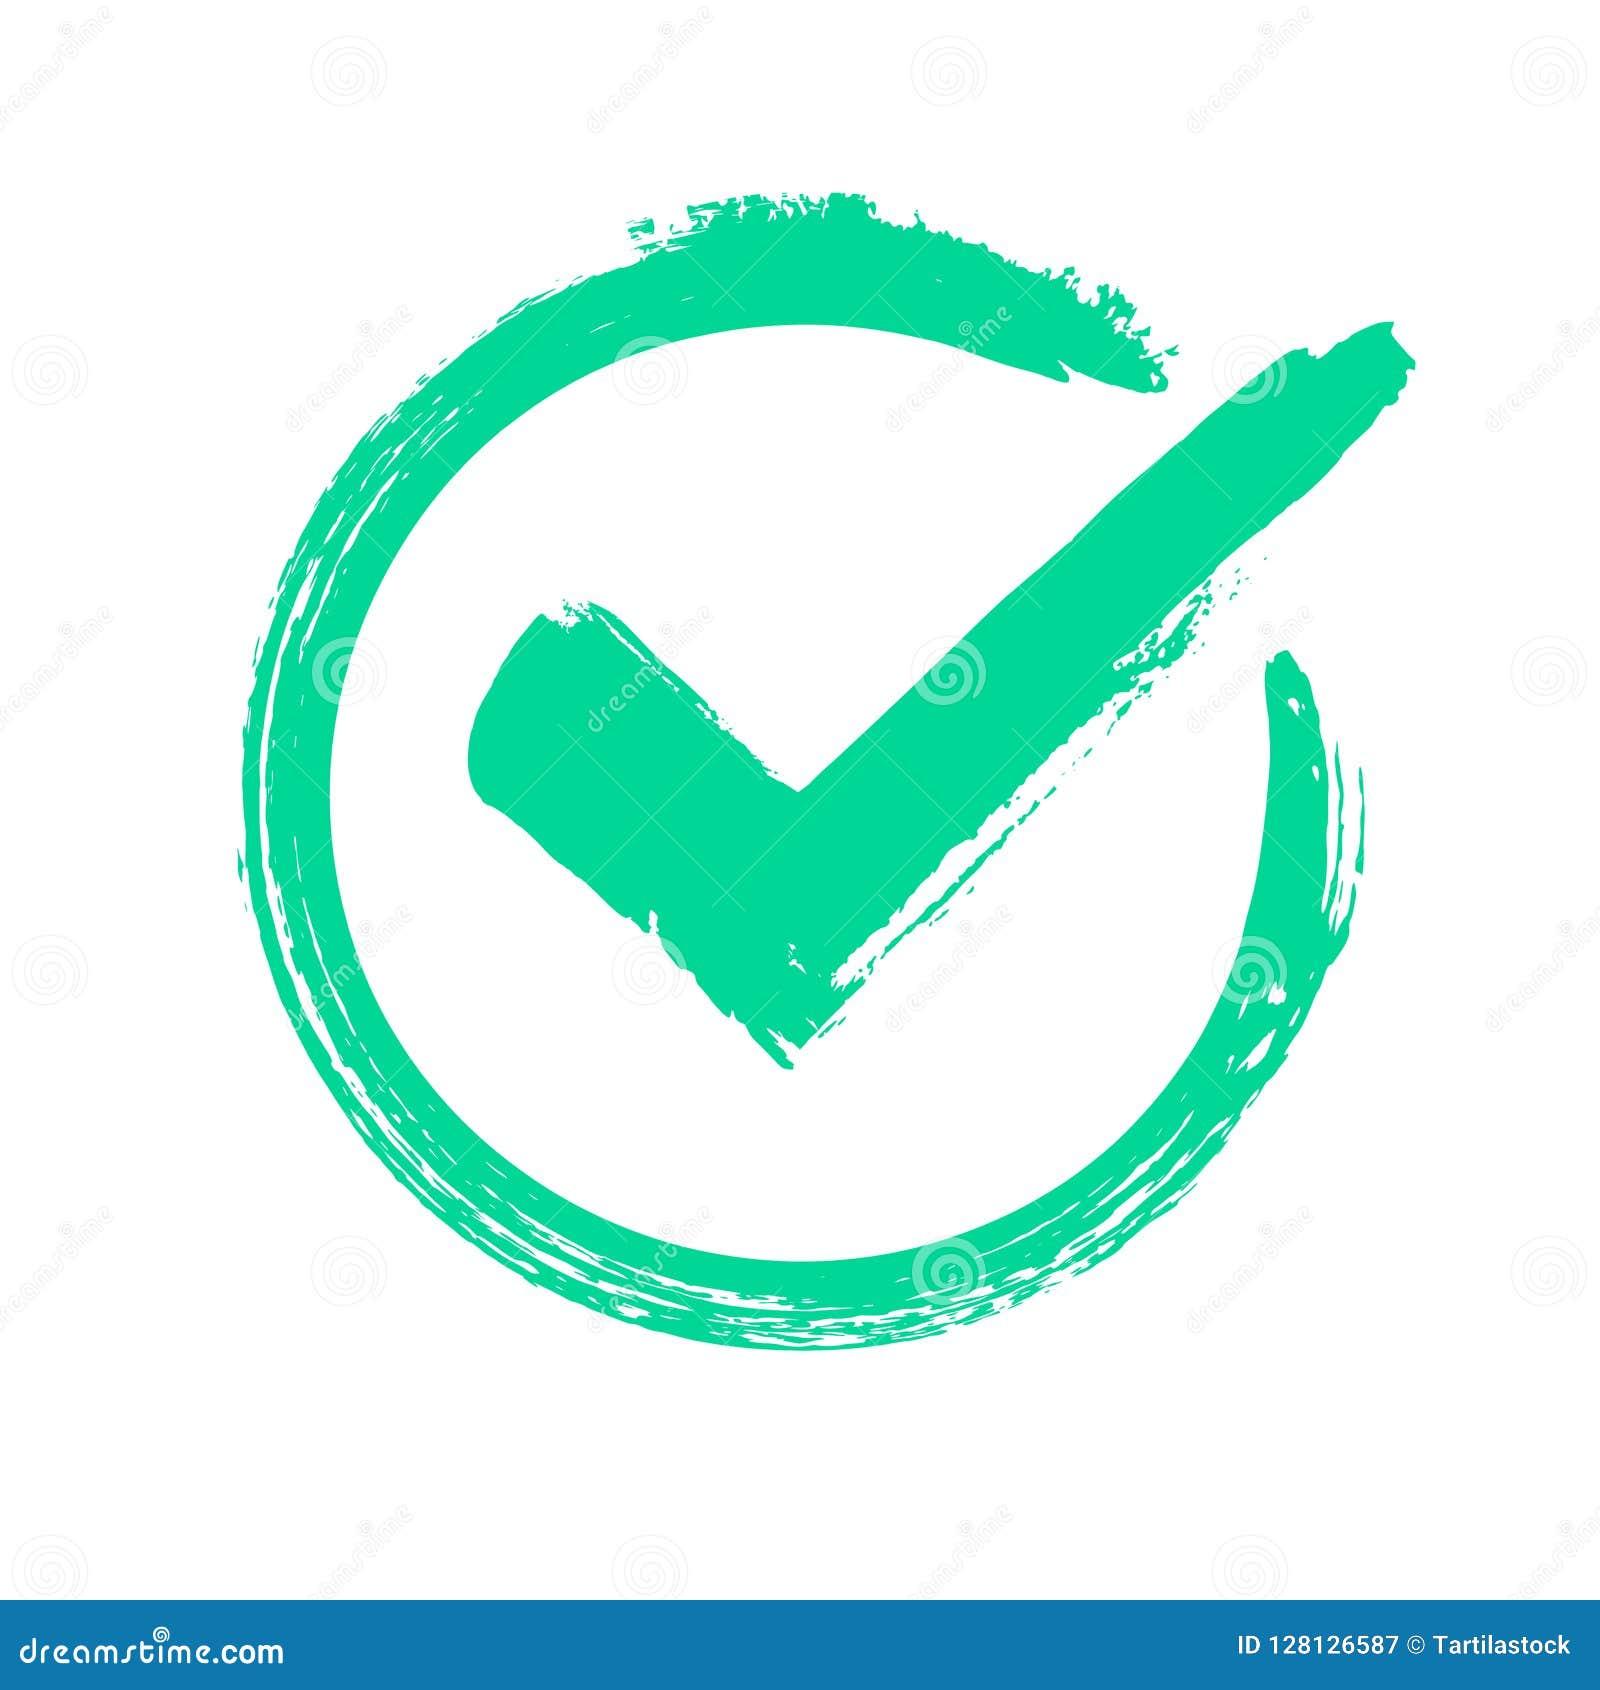 Πράσινο σημάδι ελέγχου grunge Σωστή απάντηση, ελέγχοντας το εικονίδιο έγκρισης ψηφοφορίας ή επιλογής Ελεγχμένο διανυσματικό σύμβο